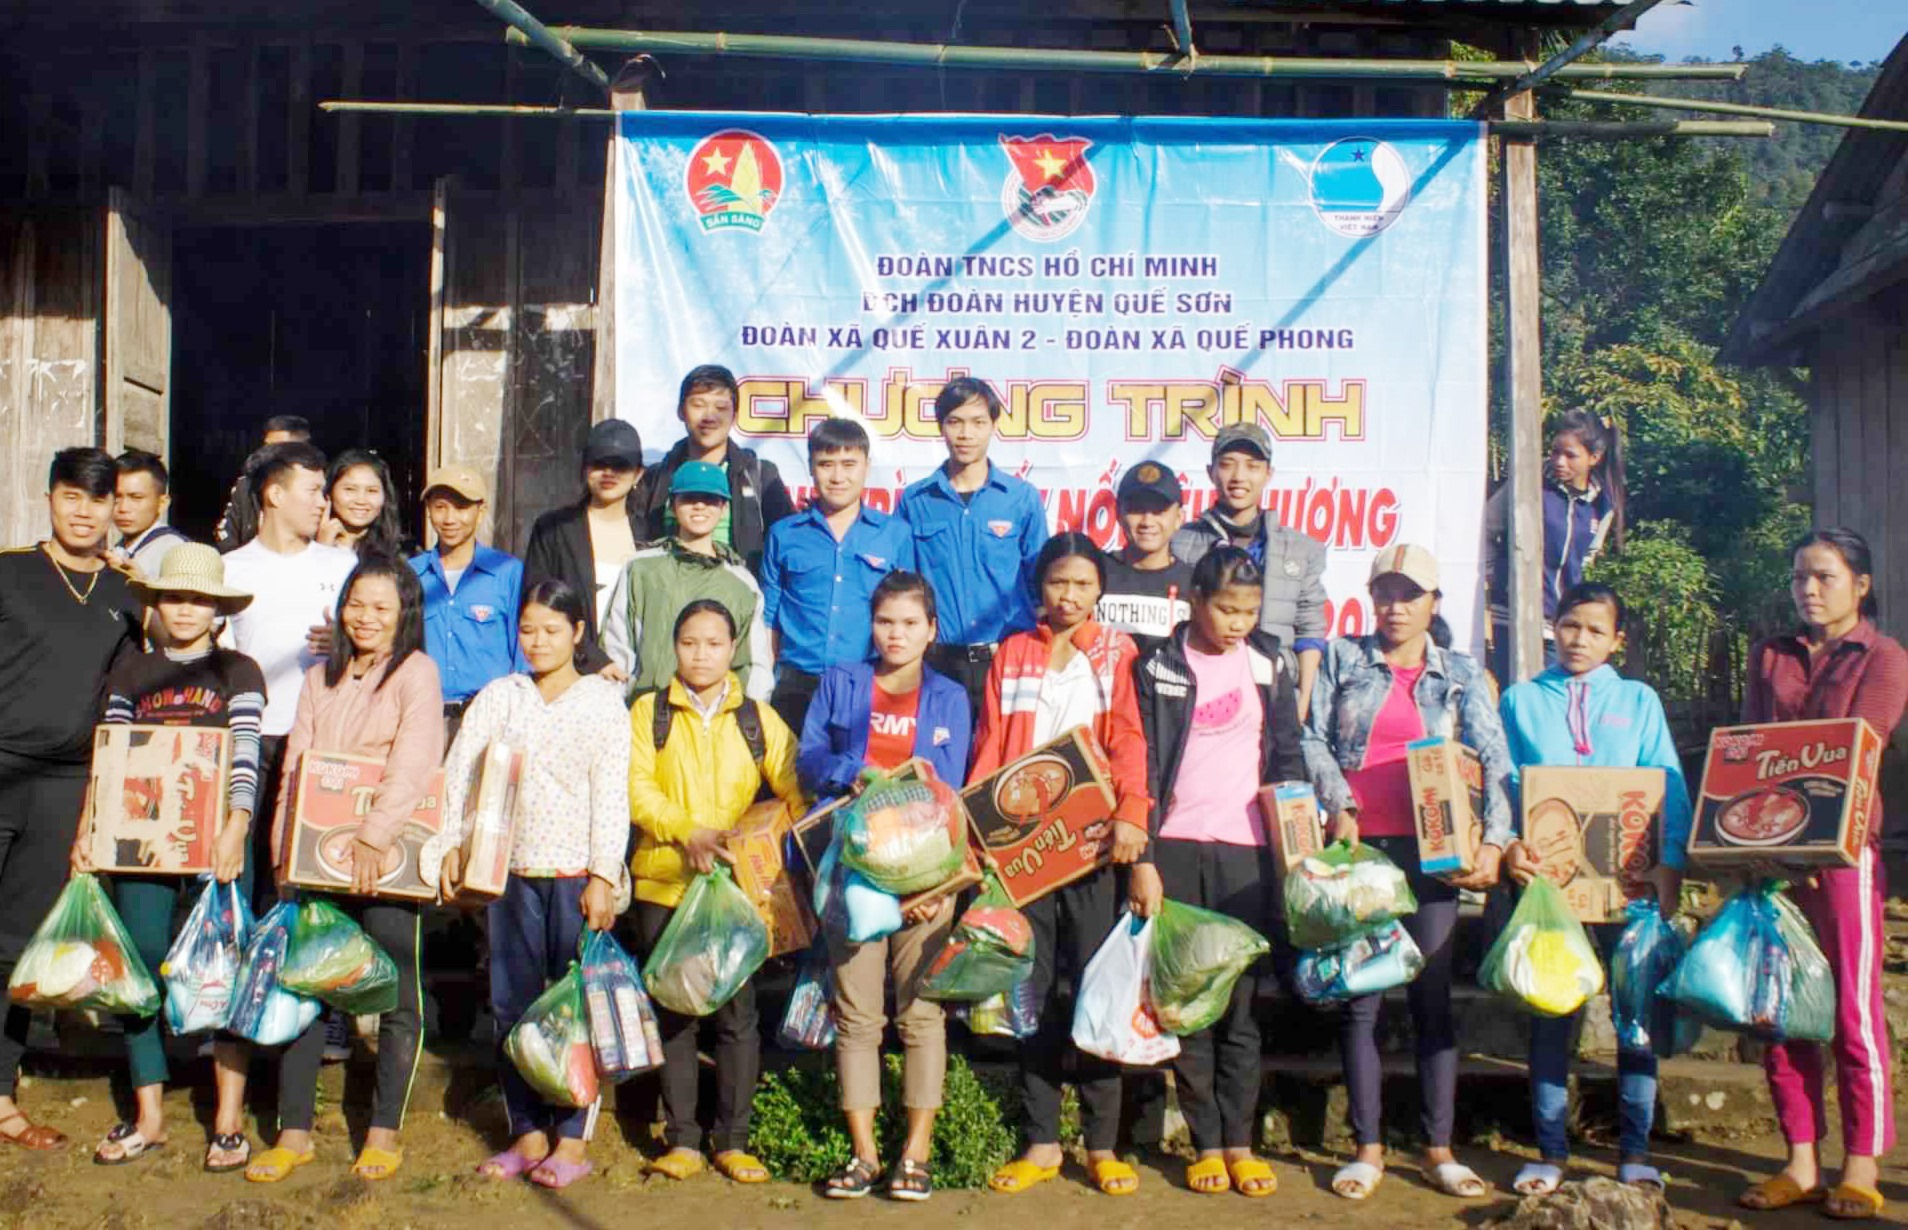 Đoàn xã Quế Xuân 2 phối hợp với Đoàn xã Quế Phong tổ chức trao quà giúp người dân huyện Bắc Trà My. Ảnh: X.LỘC